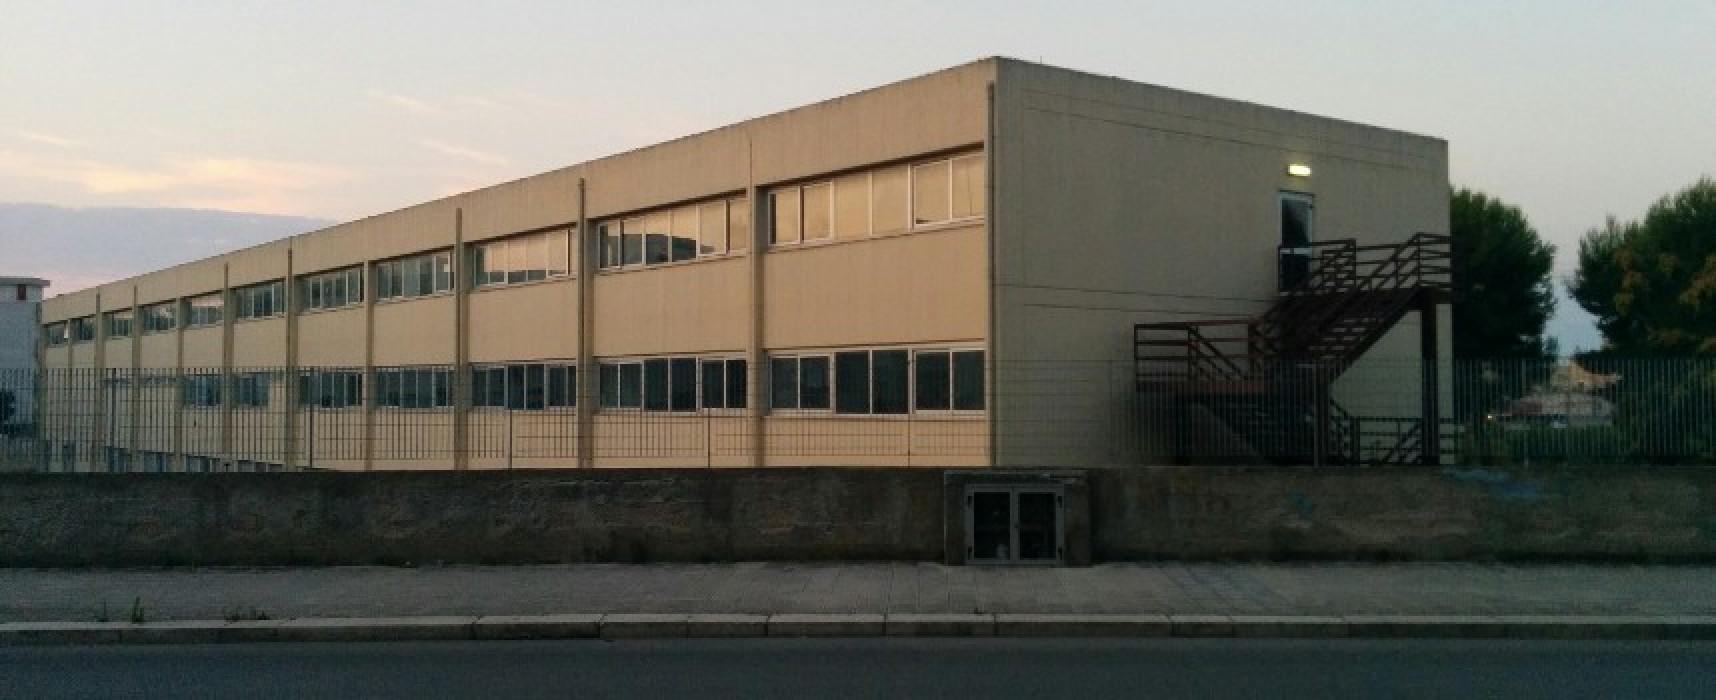 Ordinanza sindacale: lunedì 9 febbraio tutte le scuole chiuse a Bisceglie